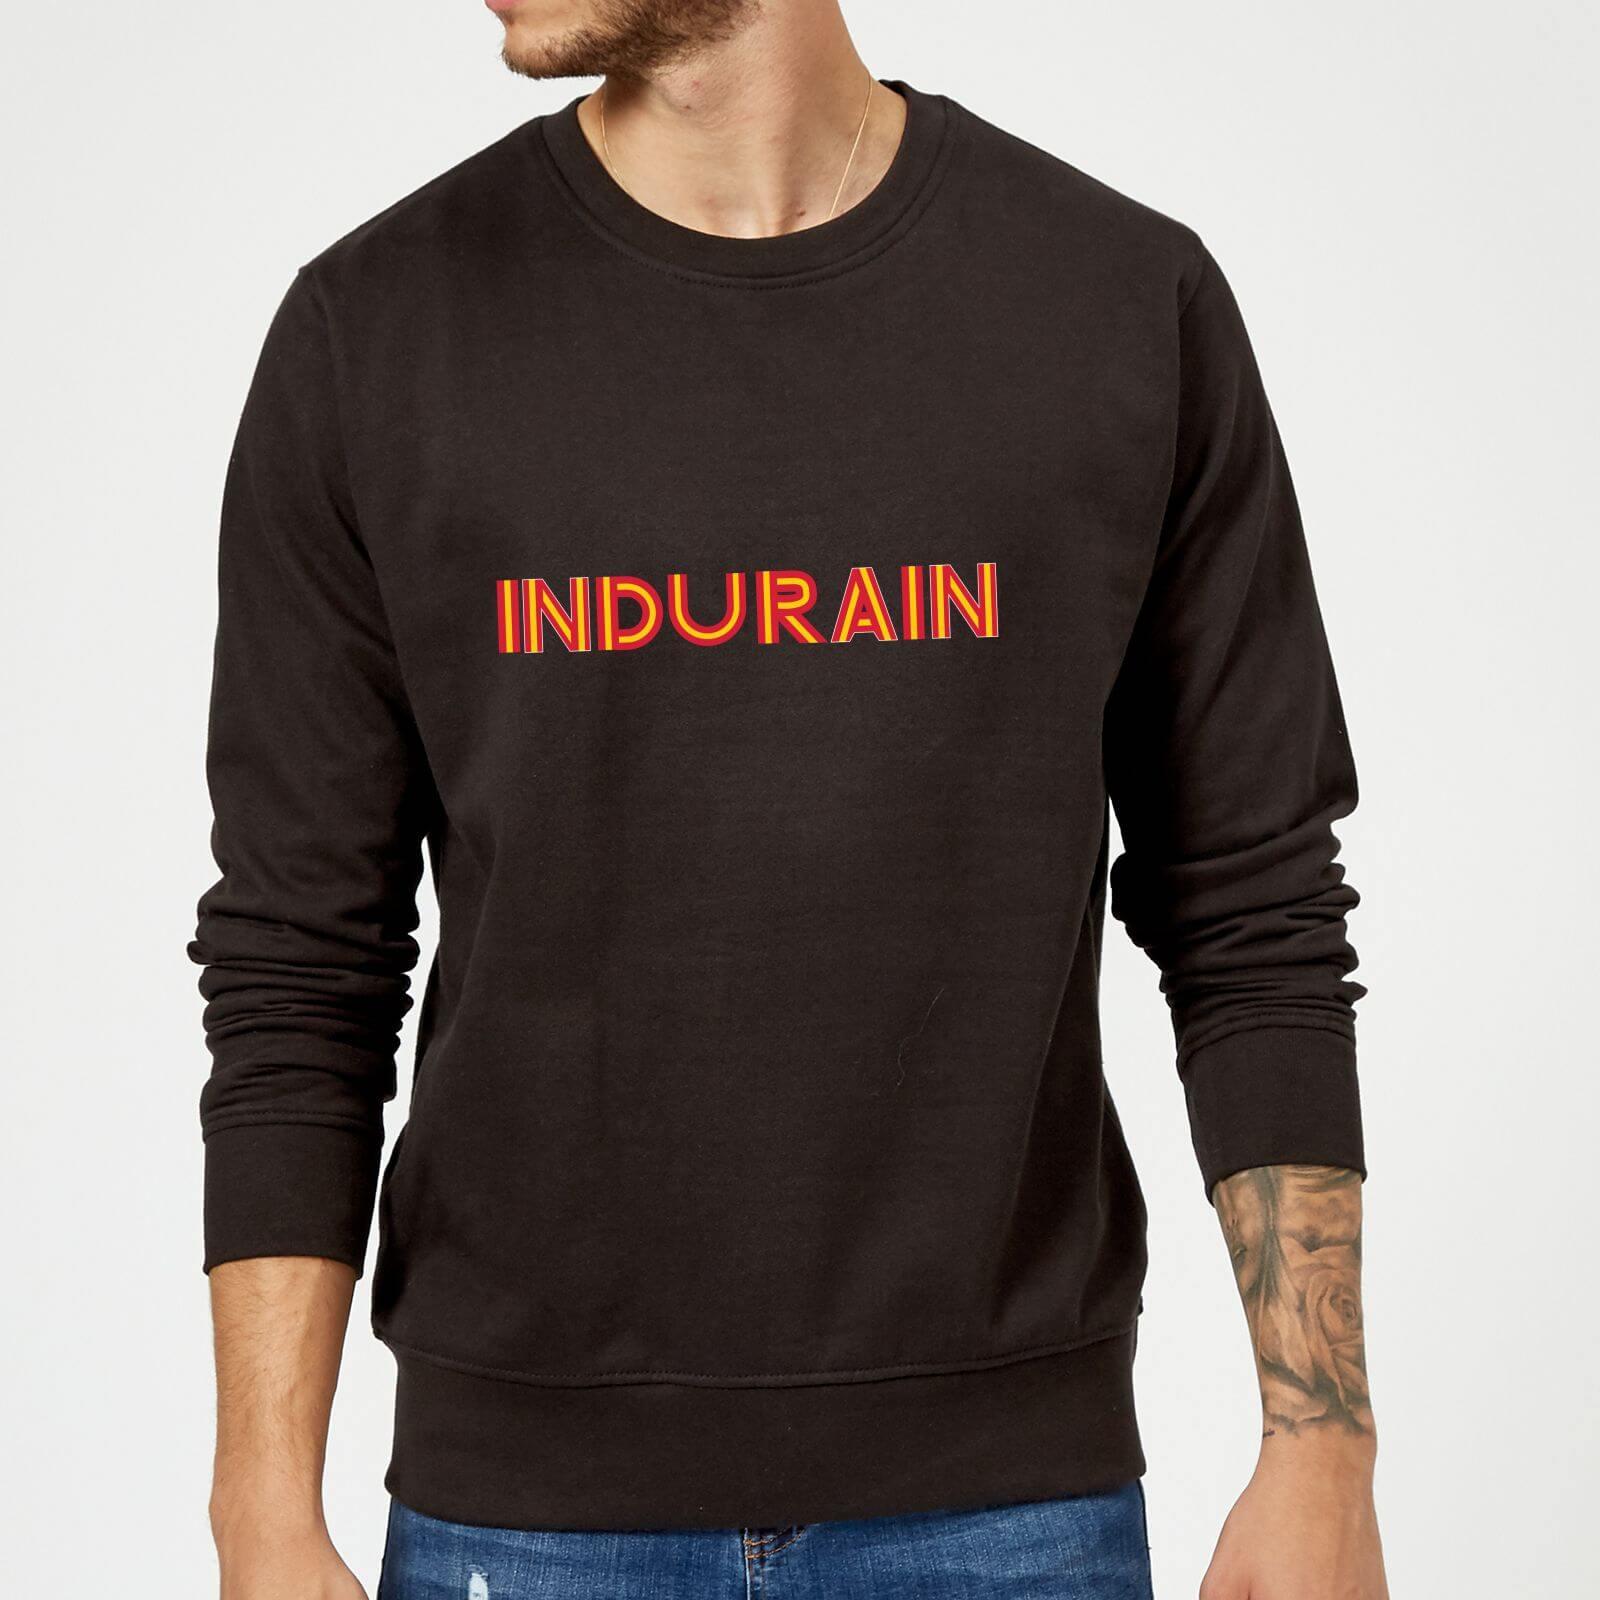 Summit Finish Indurain - Rider Name Sweatshirt - Black - S - Schwarz